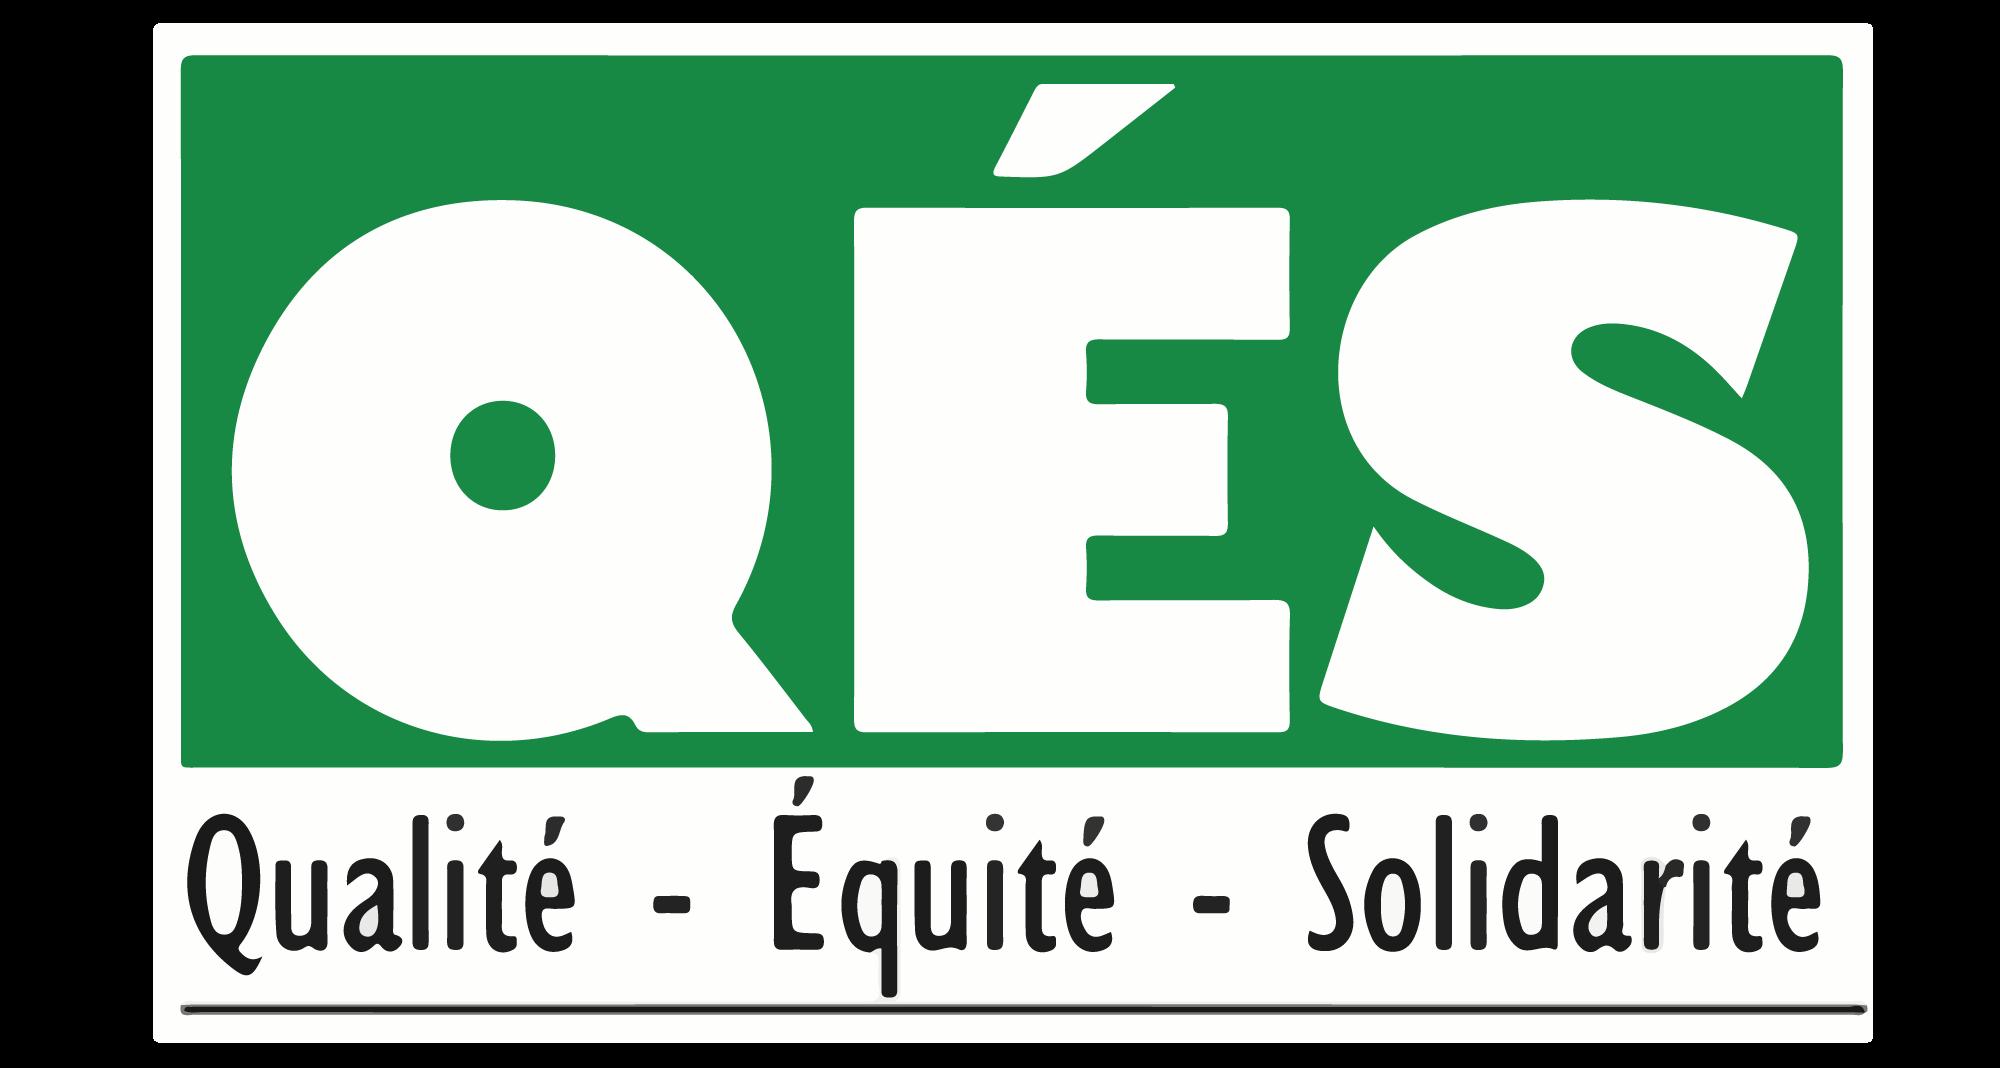 Logo QES